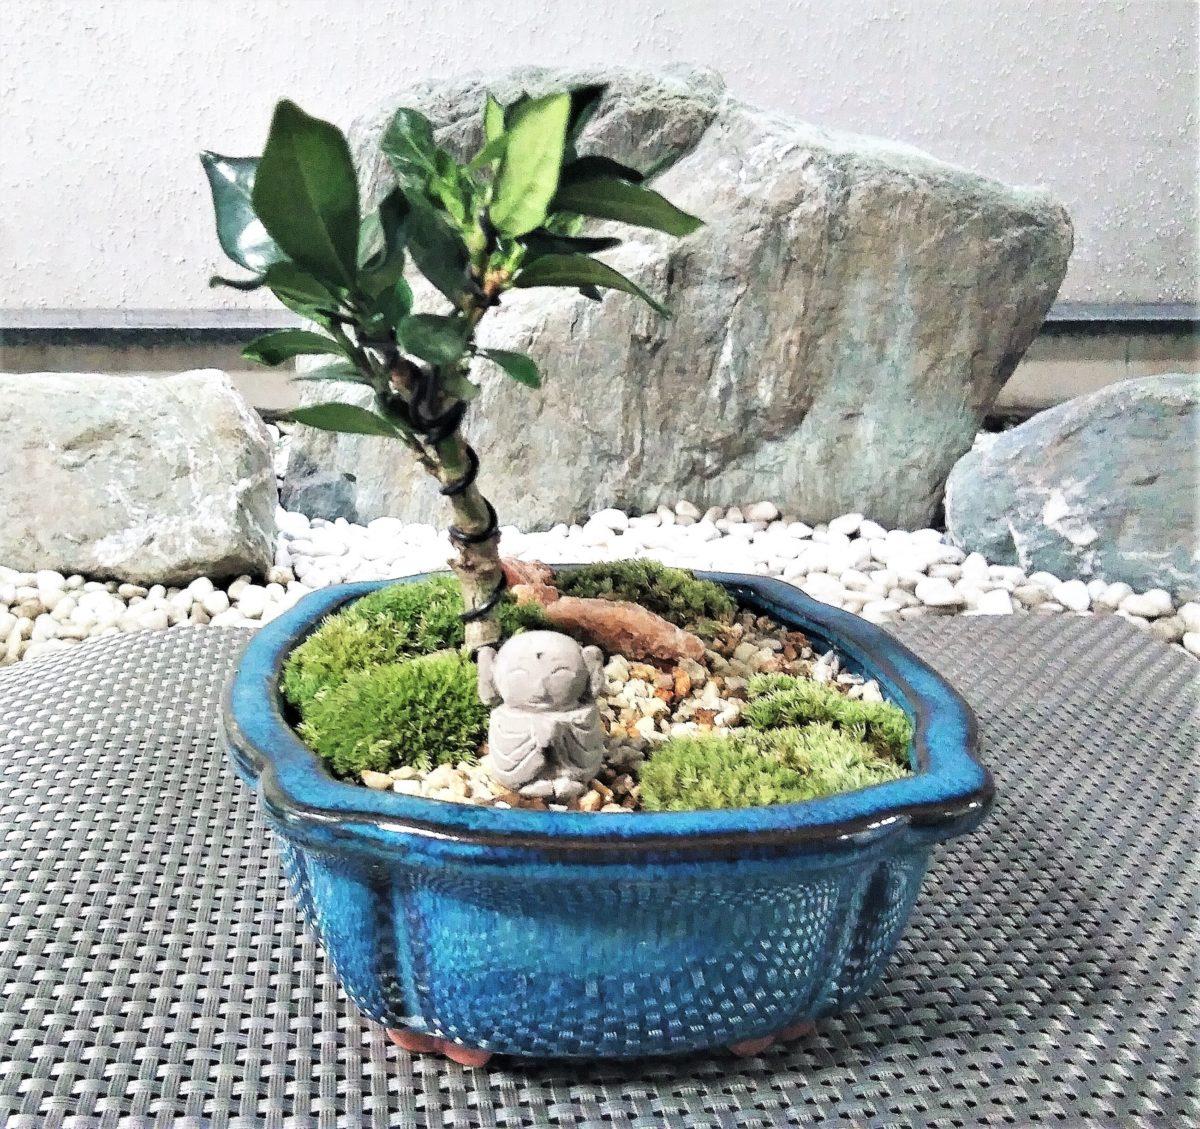 初めての苔盆栽づくり体験(お地蔵さんのいる風景)